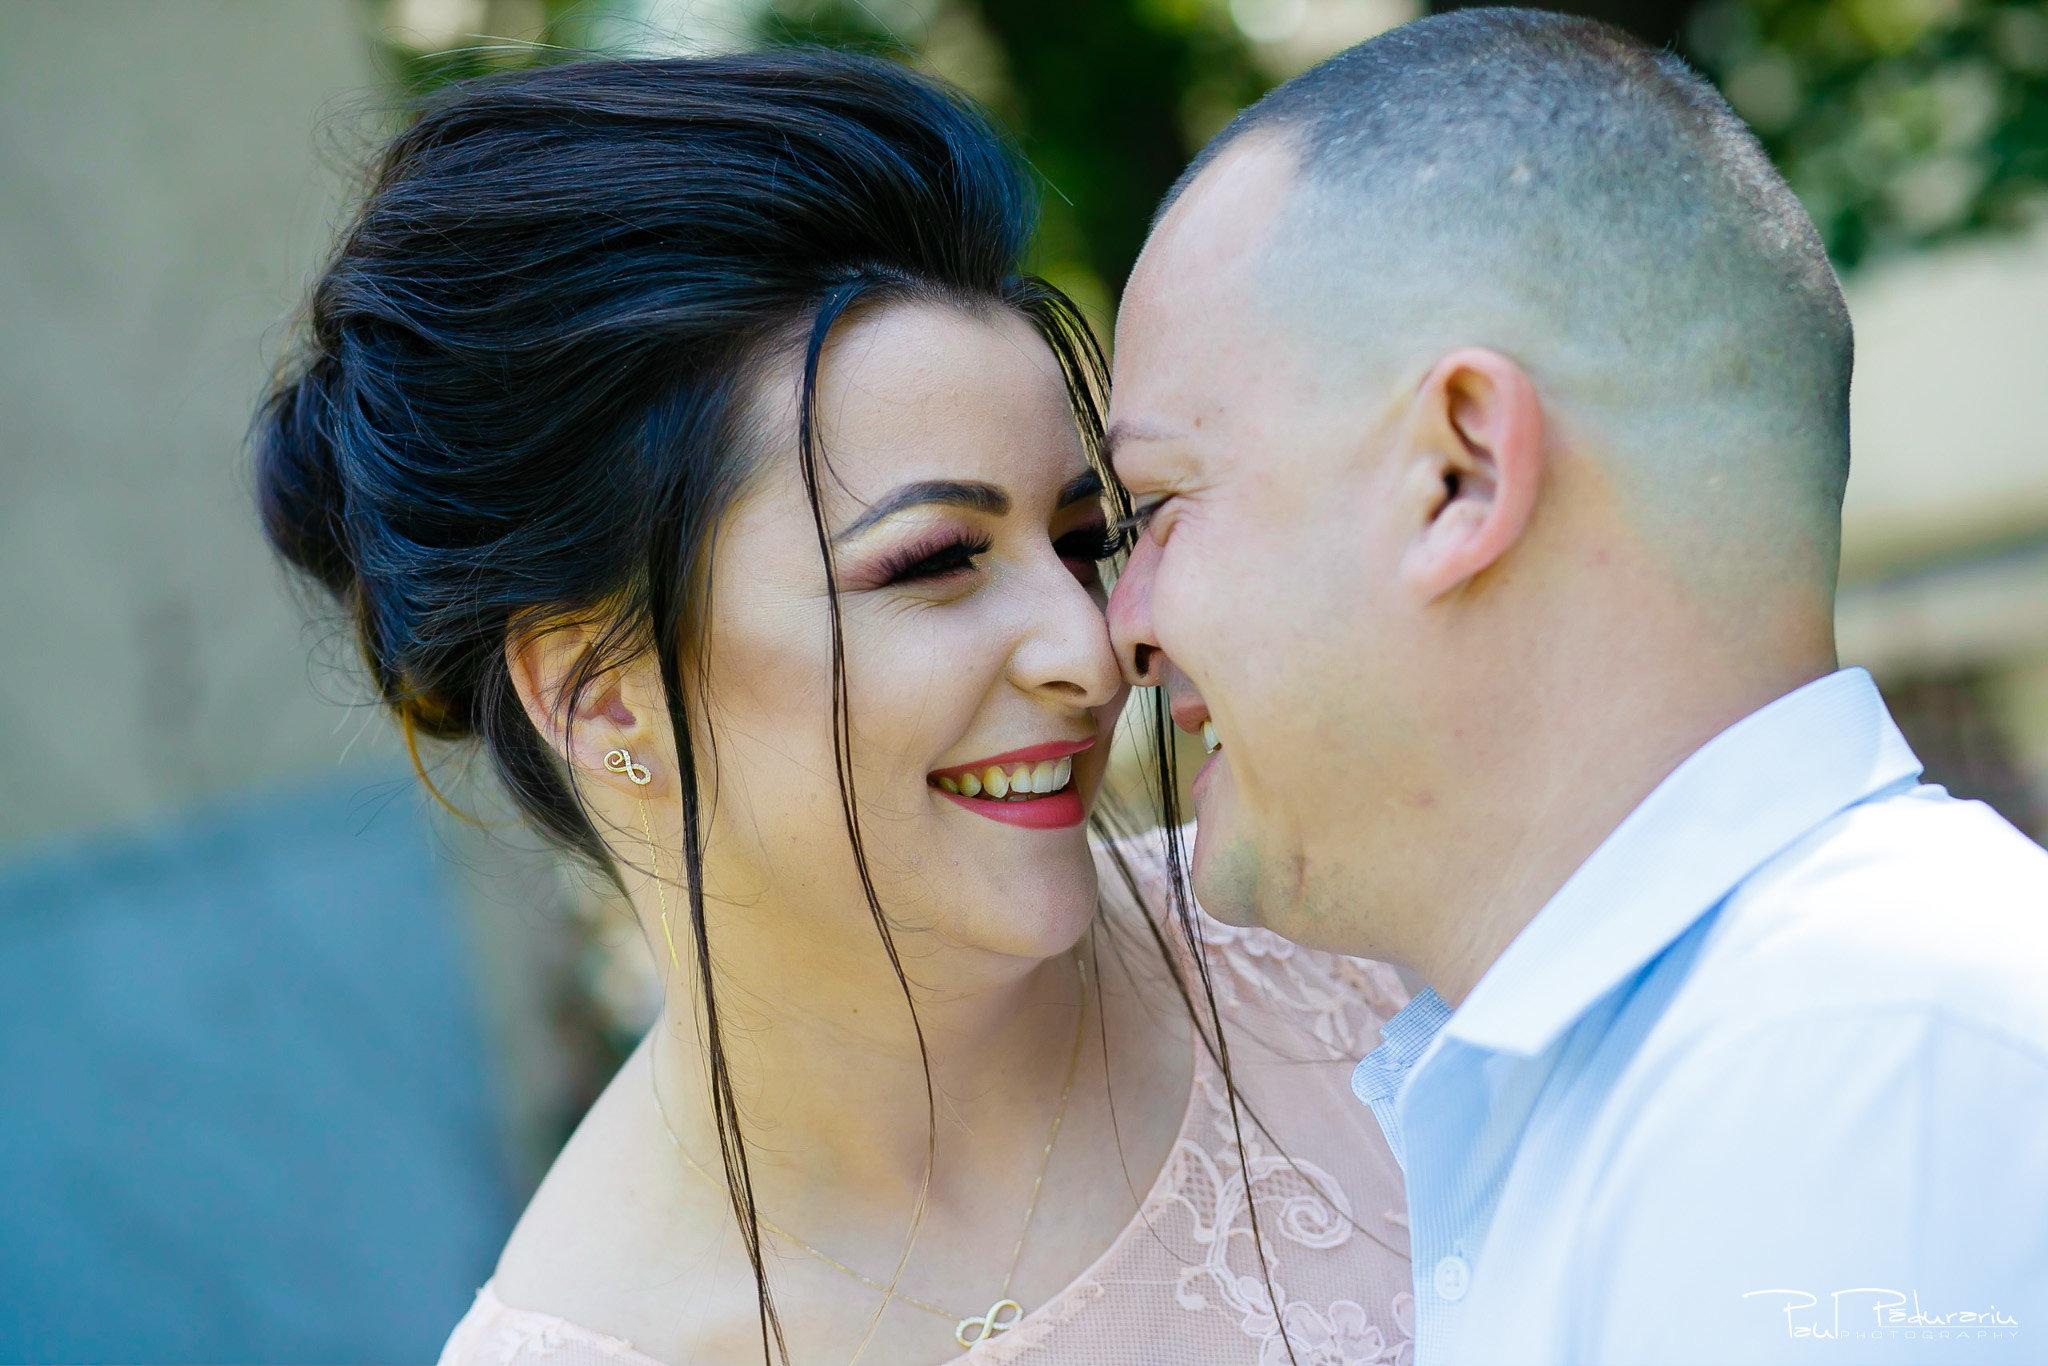 Nunta Iasi Ana-Maria si Marius La Castel Iasi www.paulpadurariu.ro © 2018 Paul Padurariu 1